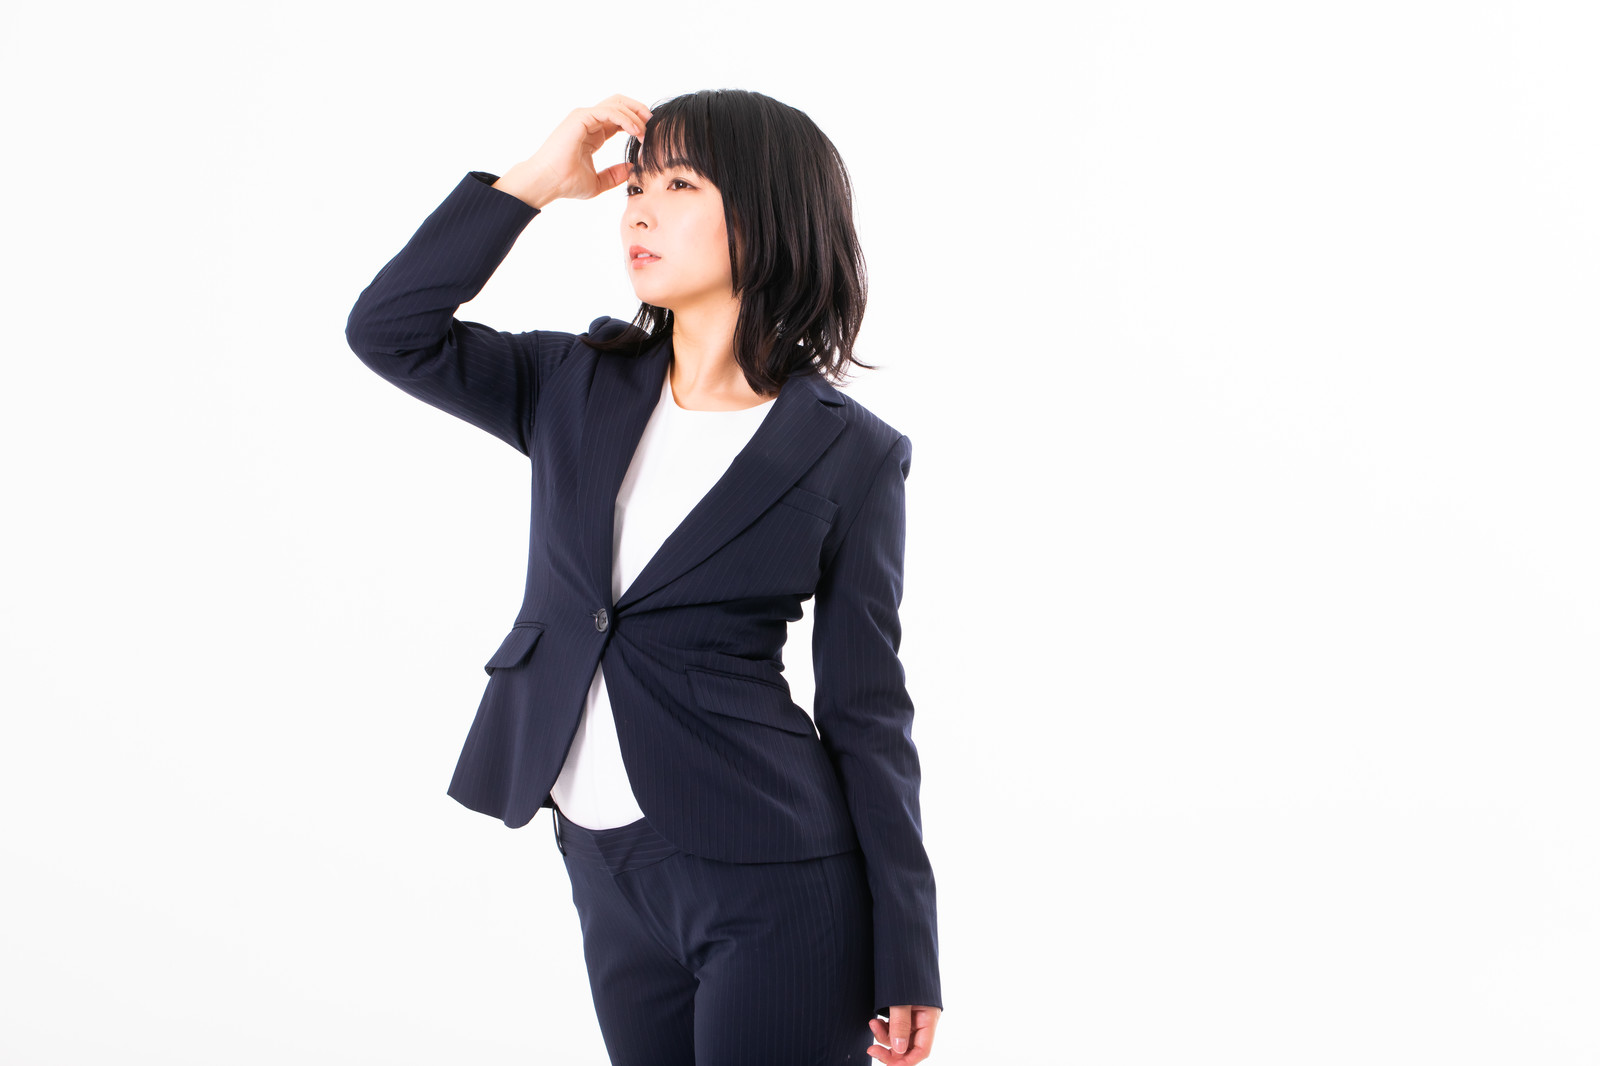 エアライン証明写真で髪型の下ろしヘアOKな場合やセット手順を紹介!